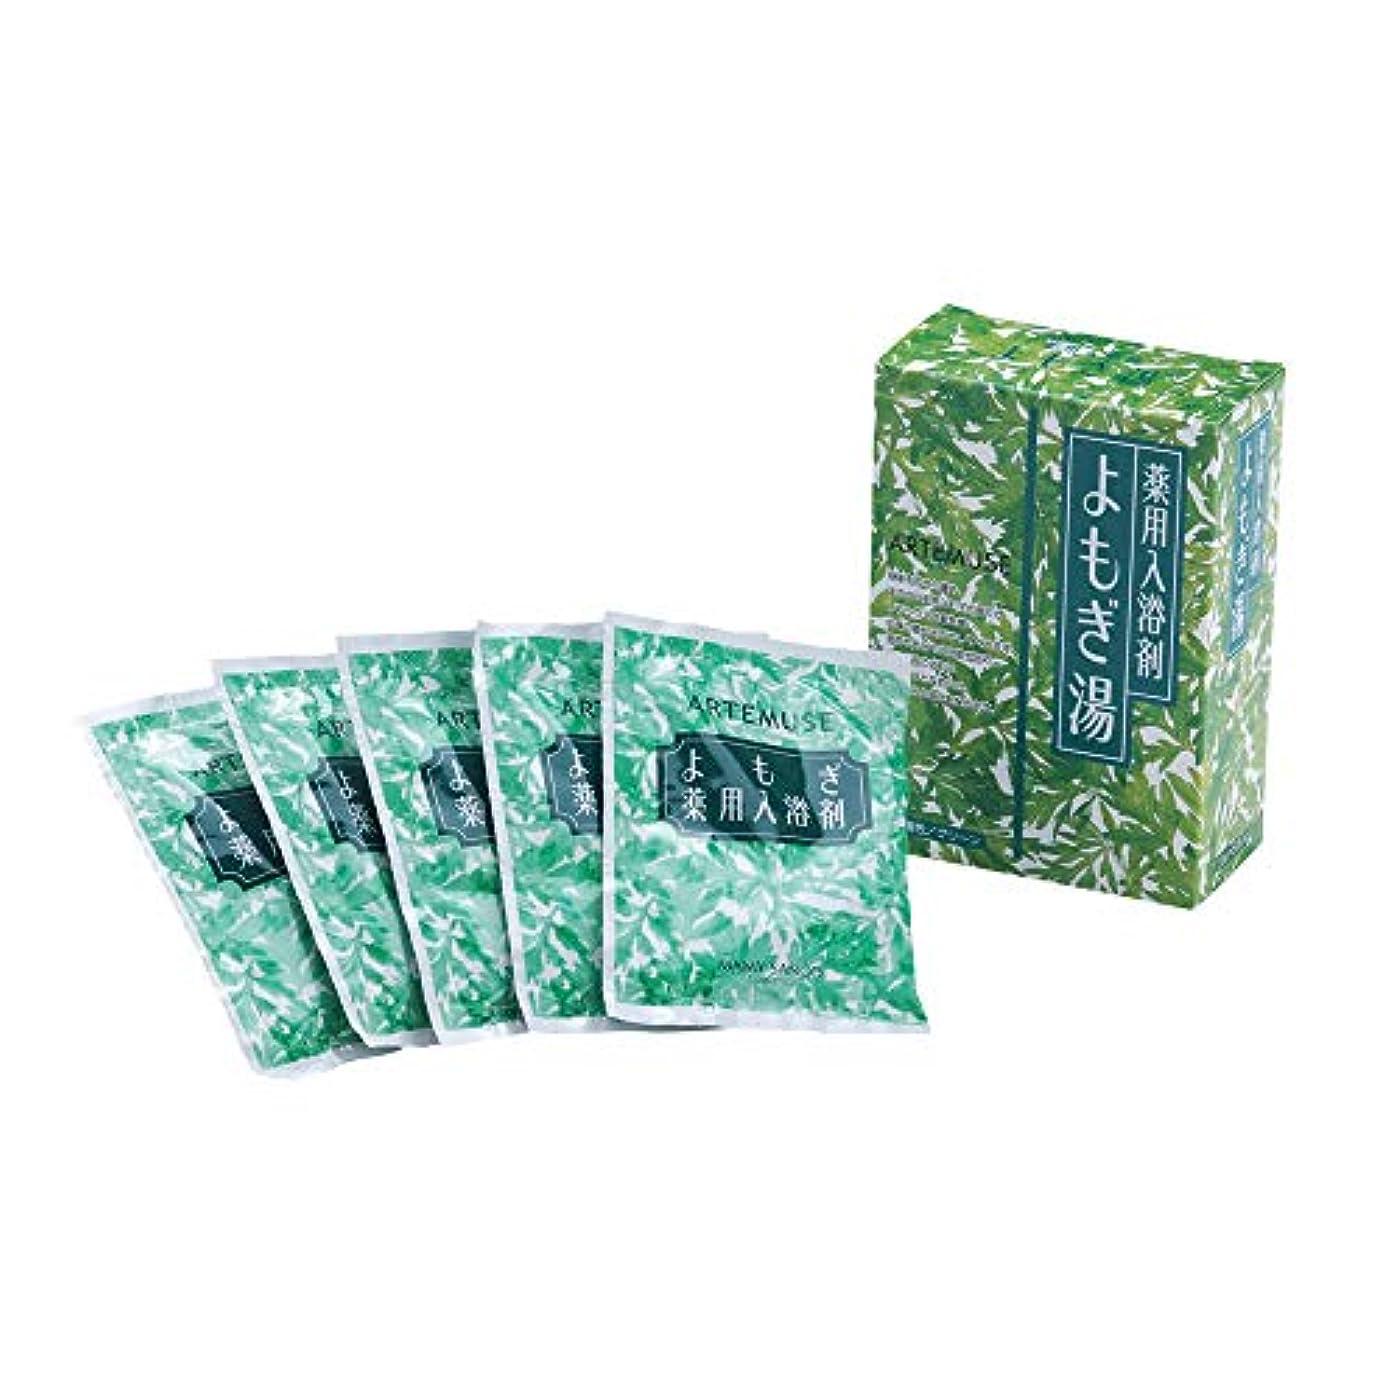 提供されたアミューズラオス人マミーサンゴ よもぎ入浴剤 薬用バスソルトA [分包タイプ] 30g×5包入 (1箱)